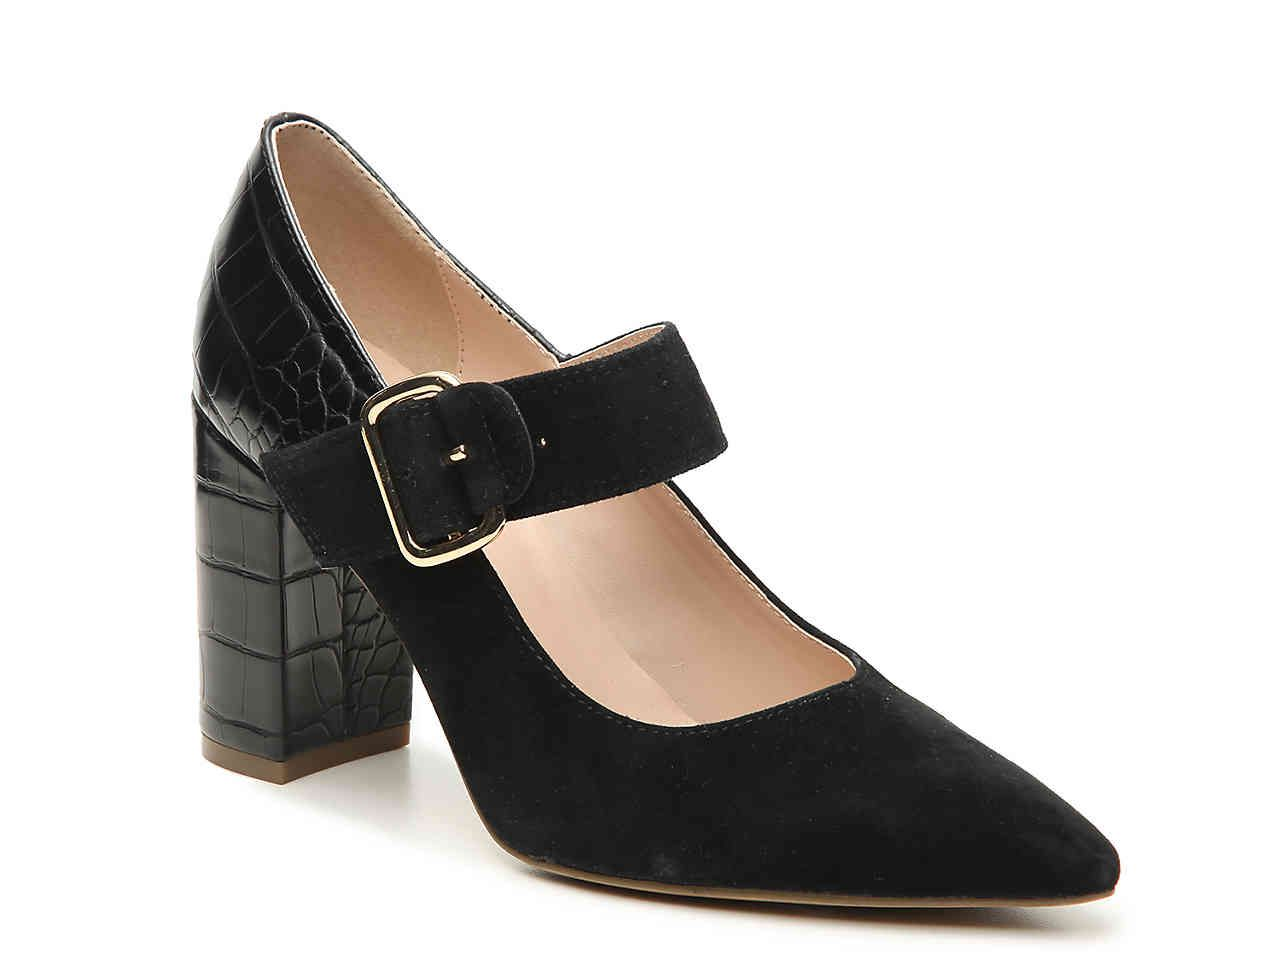 Pumps heels, Pumps, Tommy hilfiger shoes